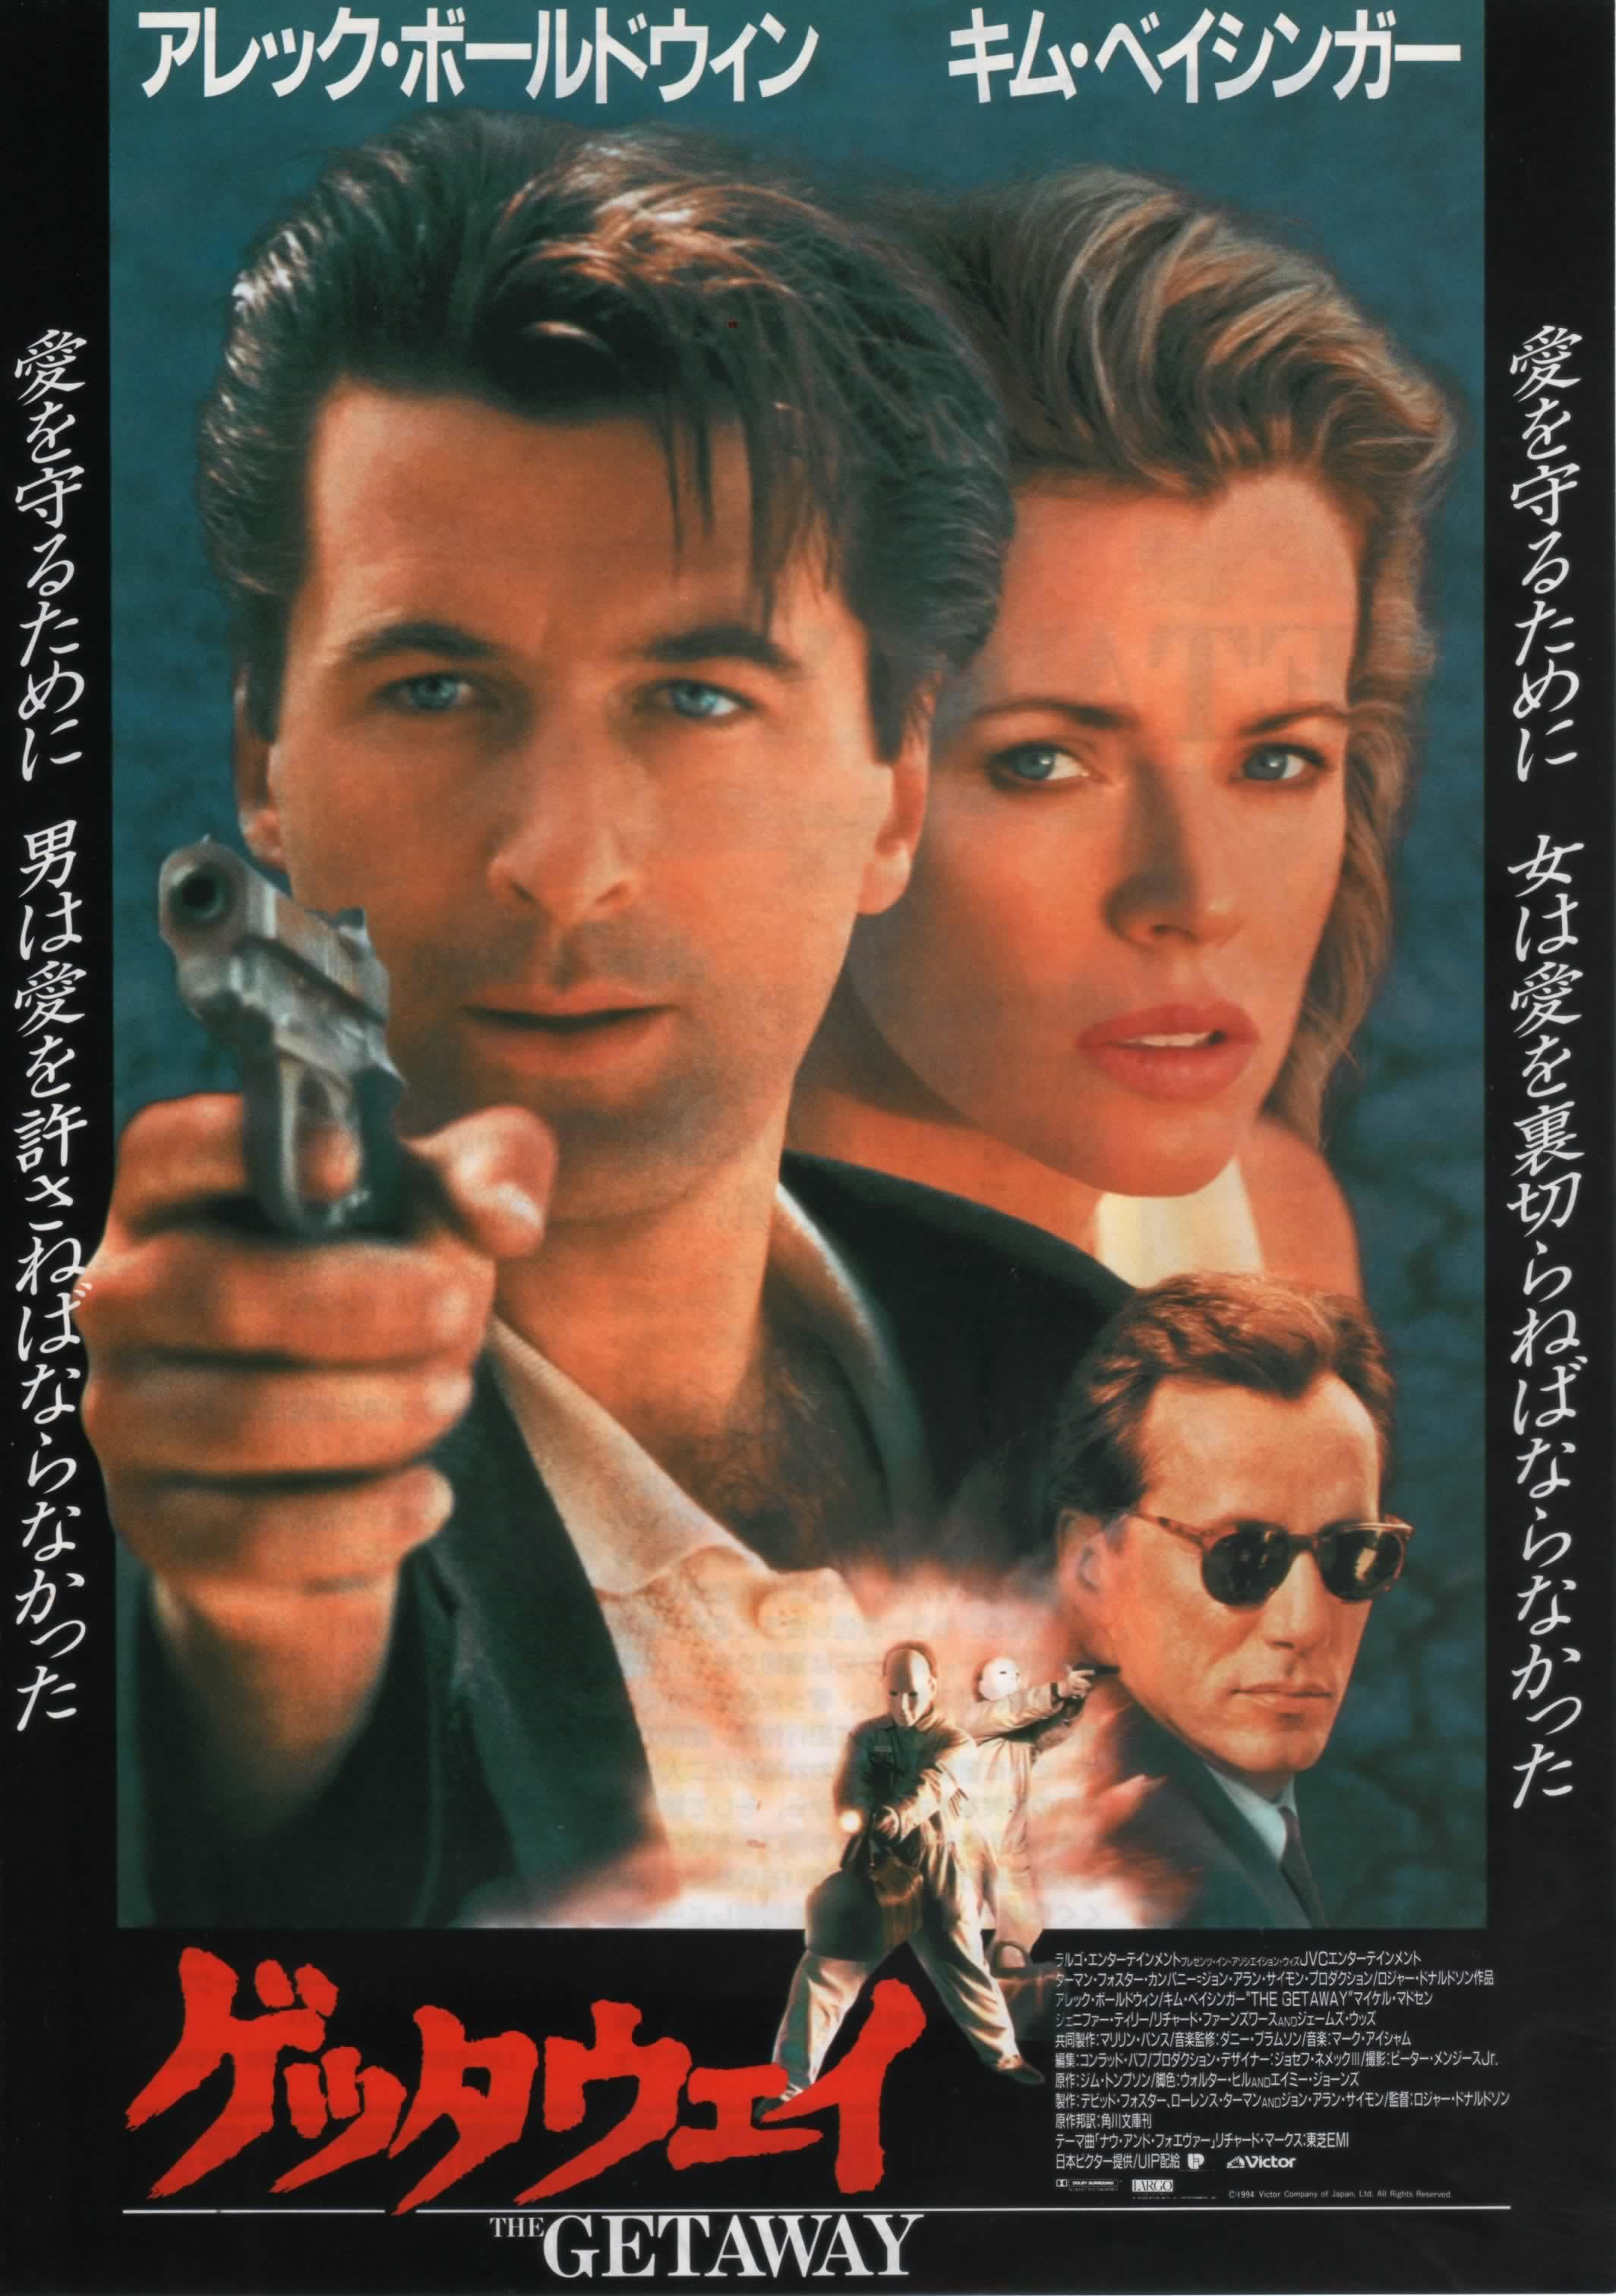 APENS GUET 1994 FILM TÉLÉCHARGER